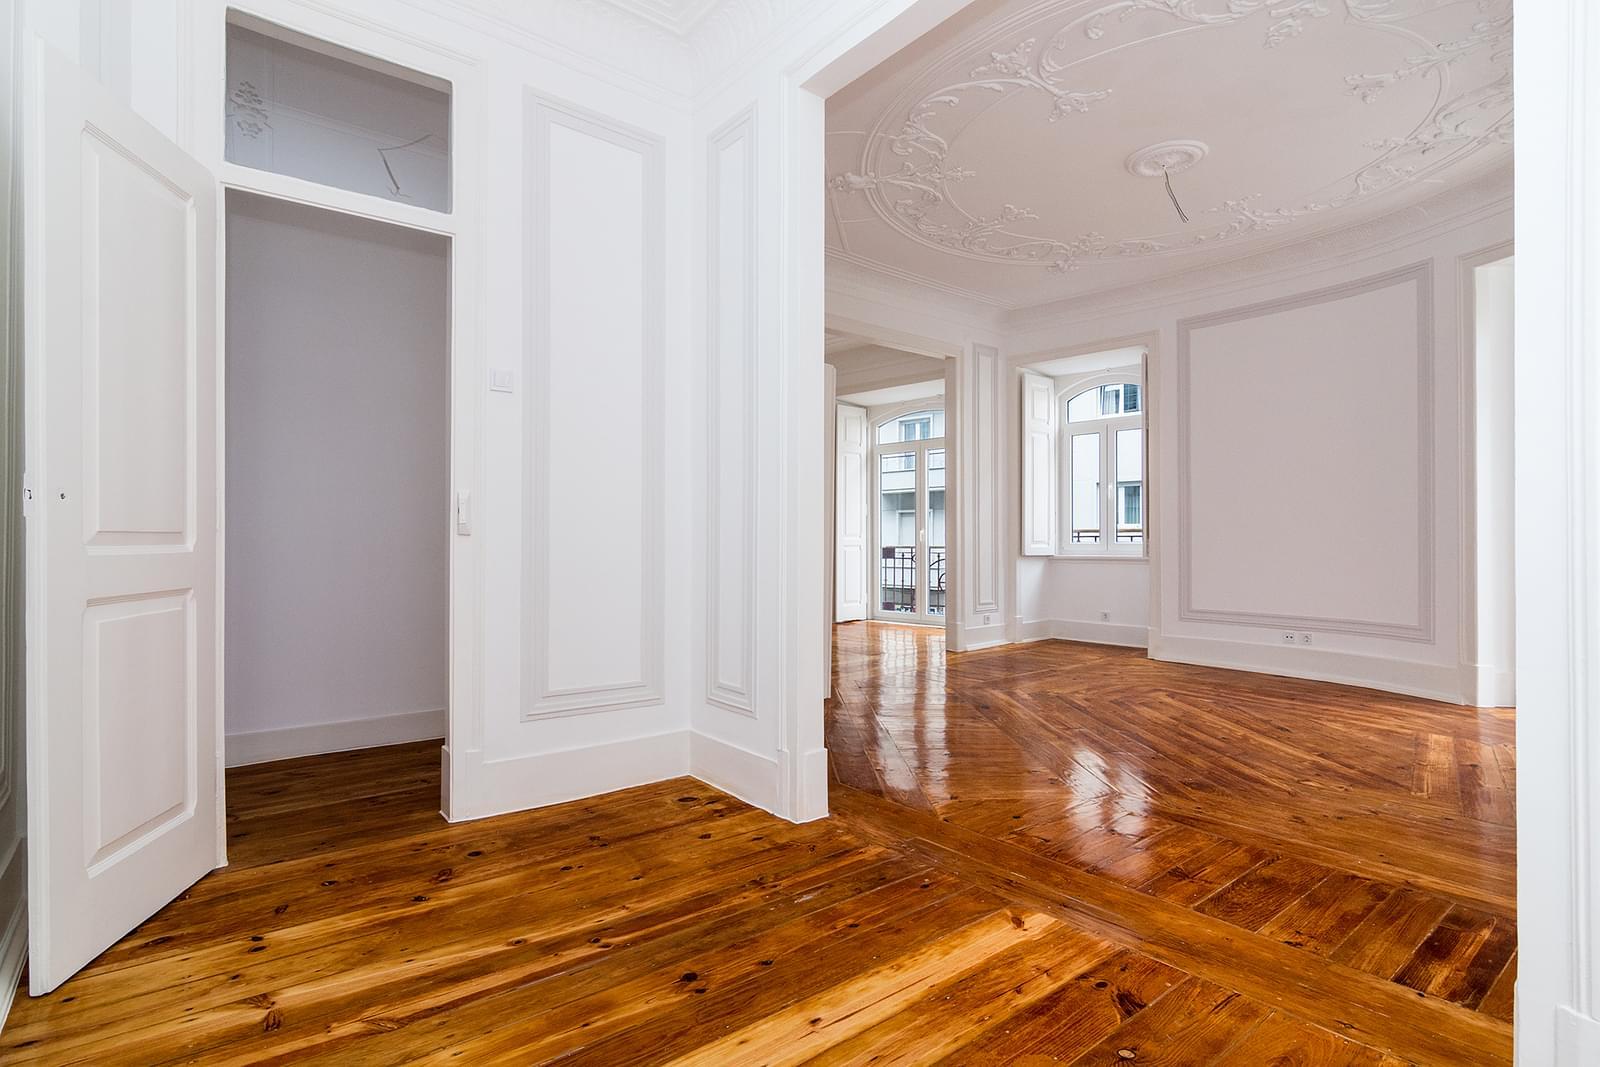 pf17267-apartamento-t3-lisboa-86053ad0-5d95-470d-80f8-8ec8ac61fae0